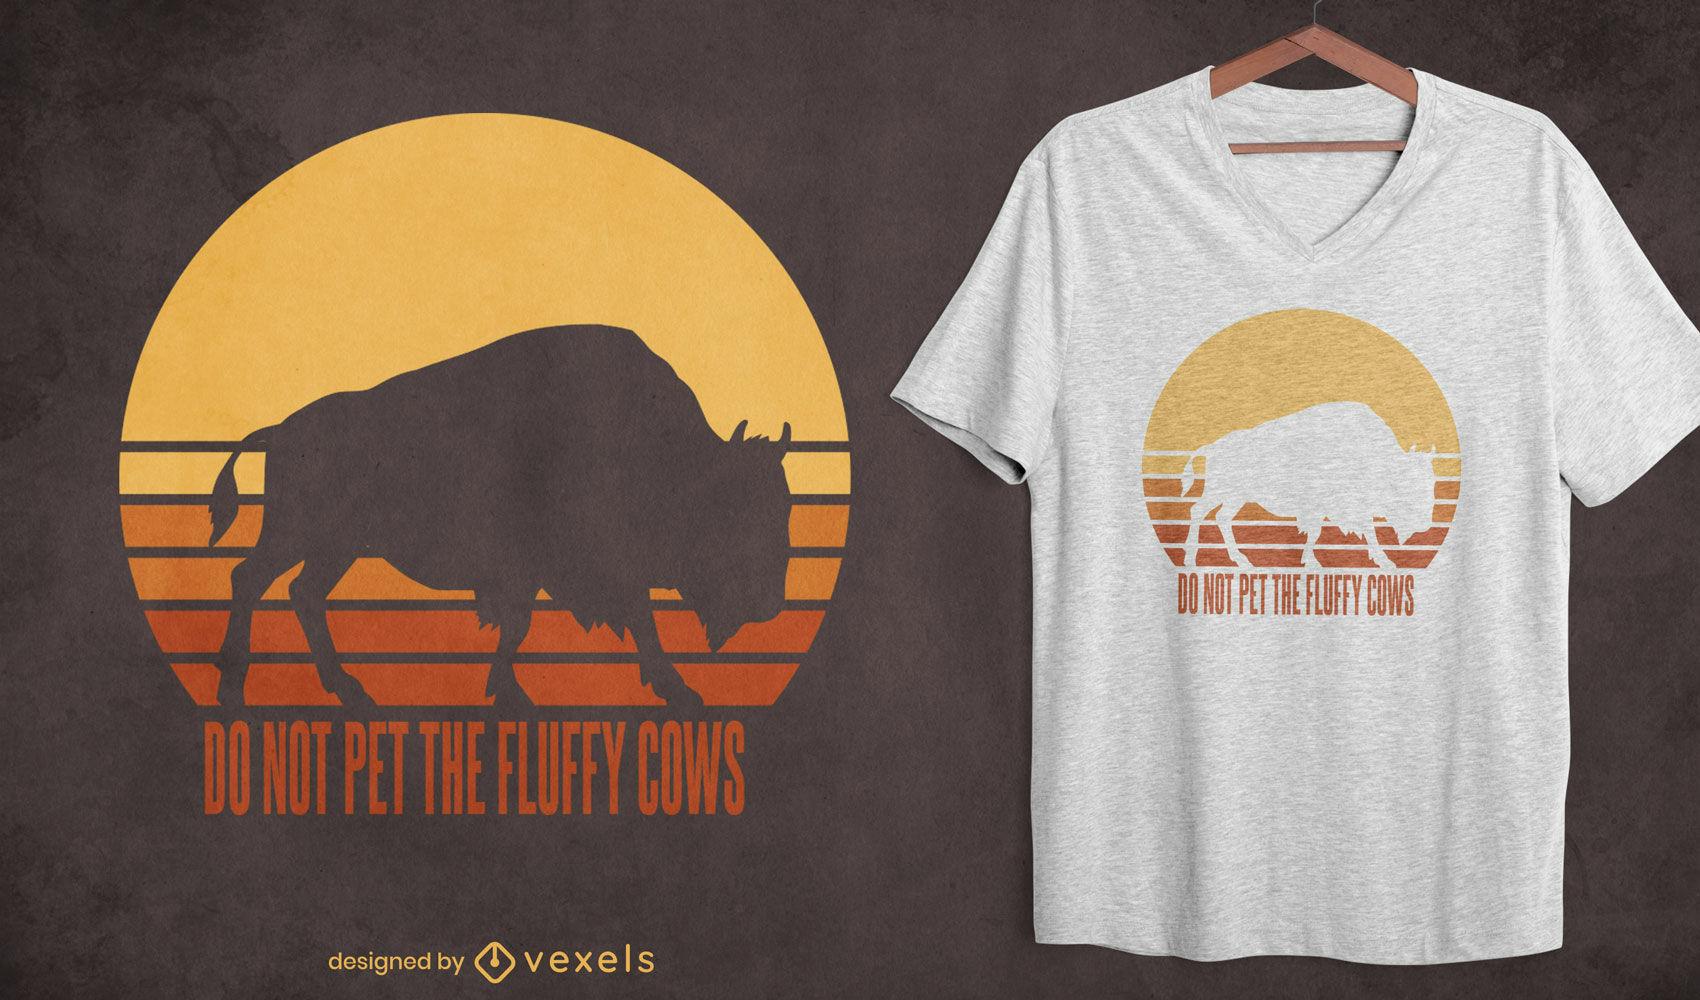 Do not pet fluffy cows t-shirt design